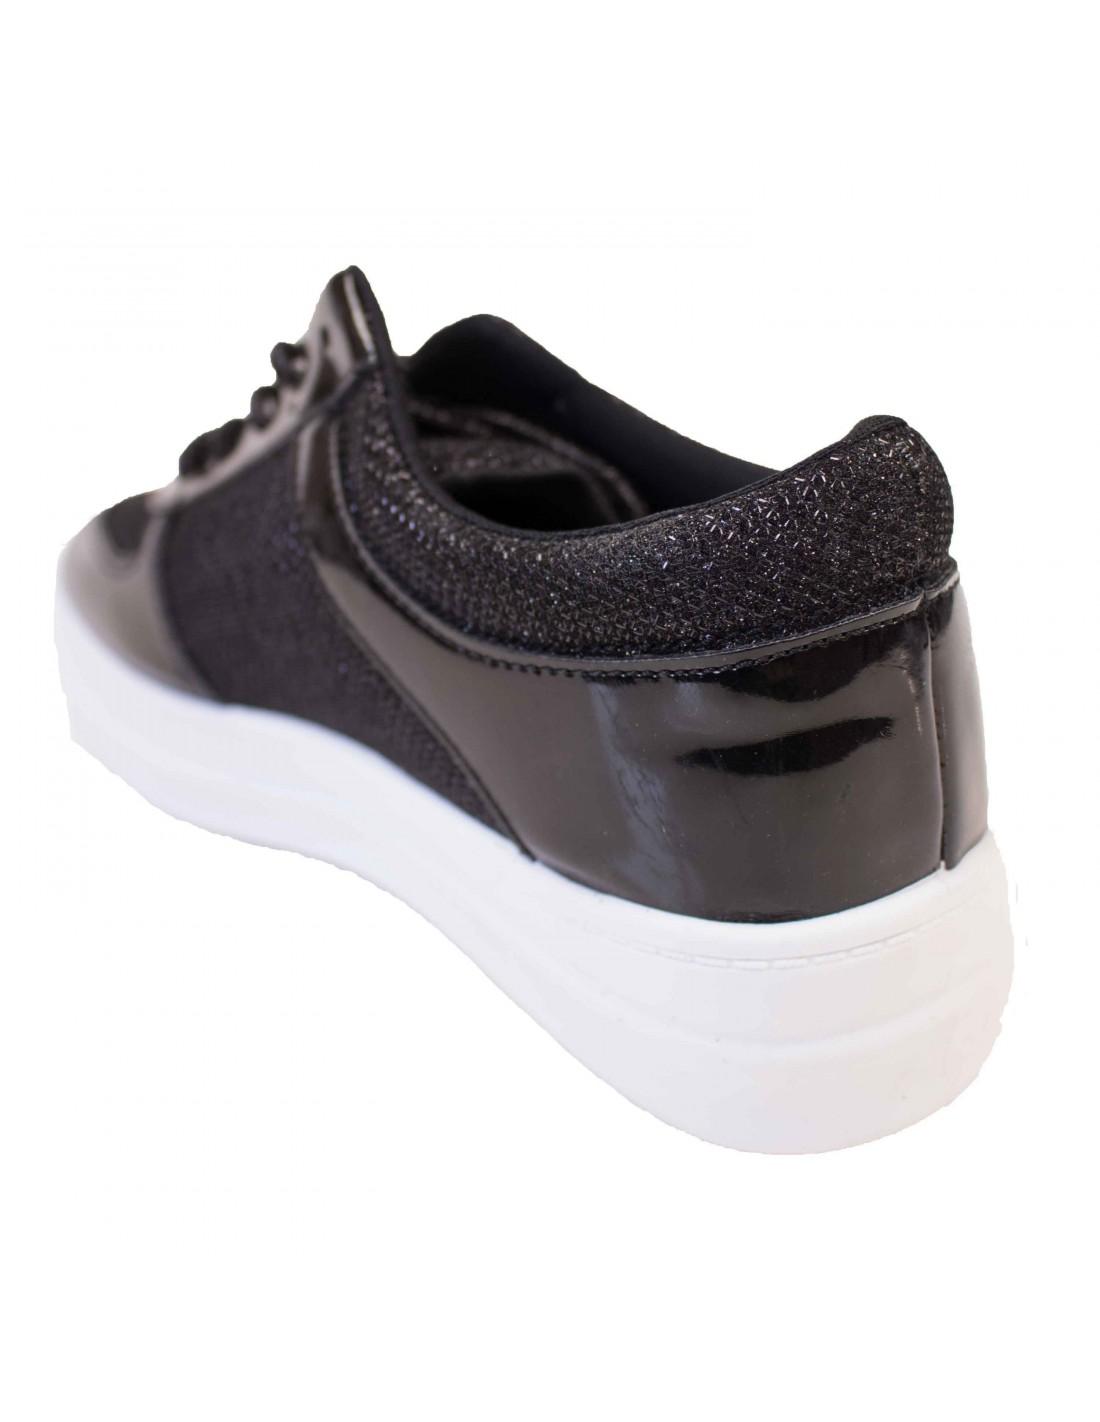 baskets femme noires a plateformes effet paillete verni. Black Bedroom Furniture Sets. Home Design Ideas